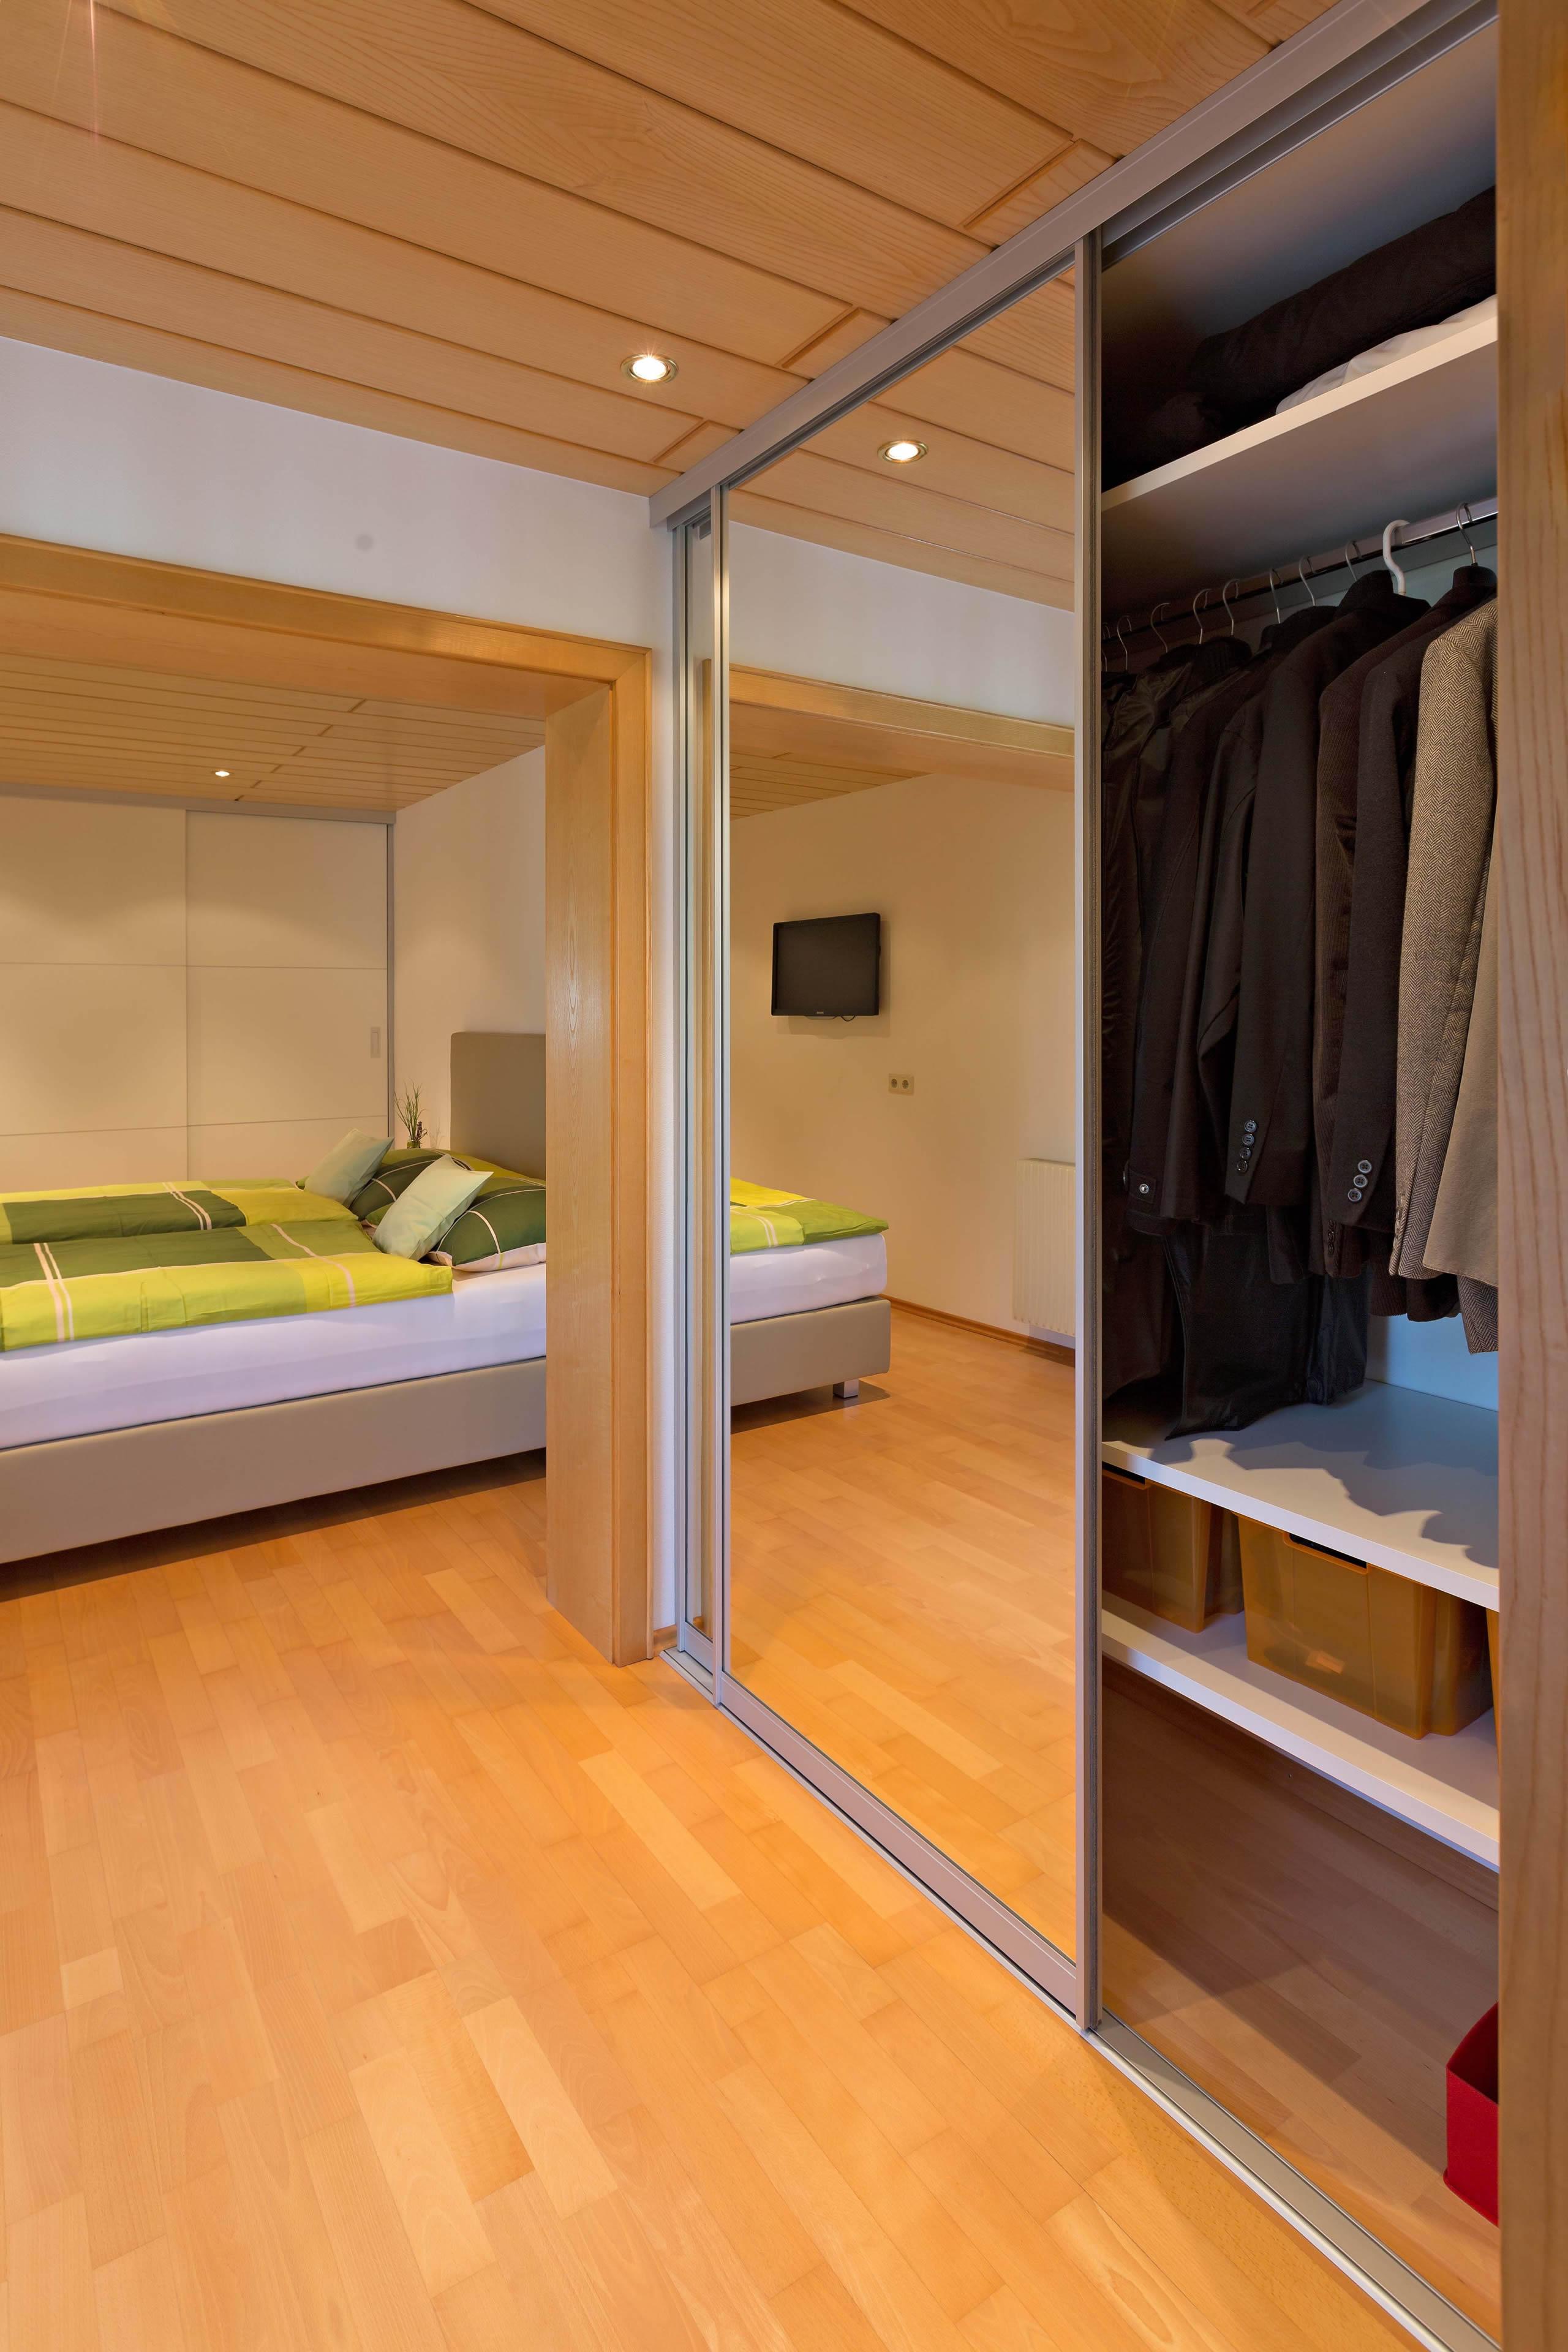 Spiegelschrank im Durchgang vom Schlafzimmer ins Badezimmer   AUF&ZU